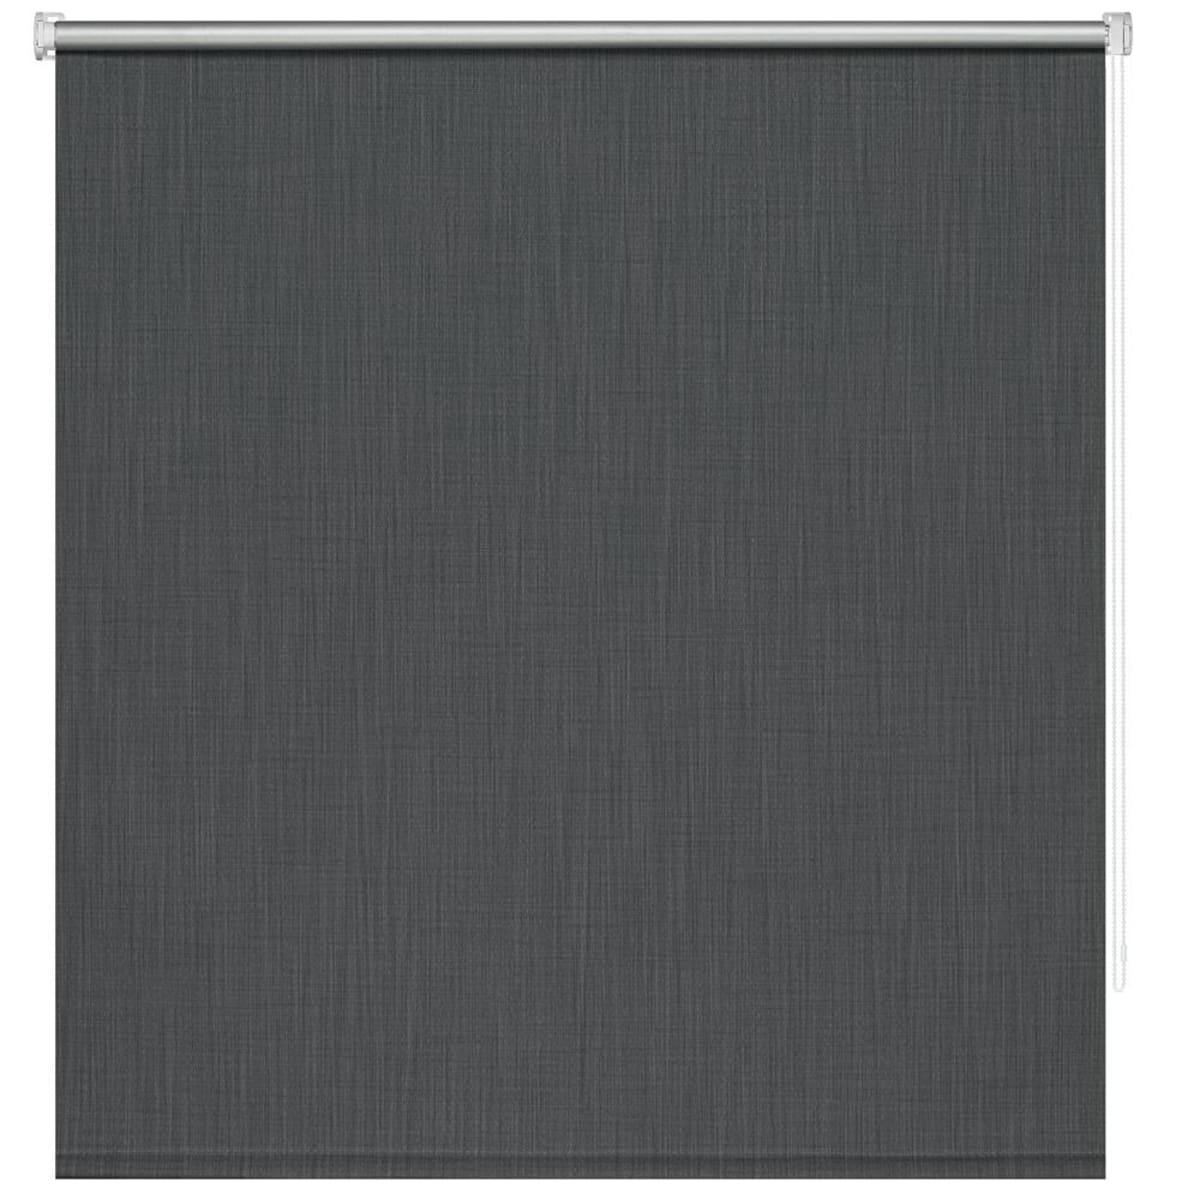 Рулонная штора Decofest Блэкаут Селия 40х160 см, цвет серый